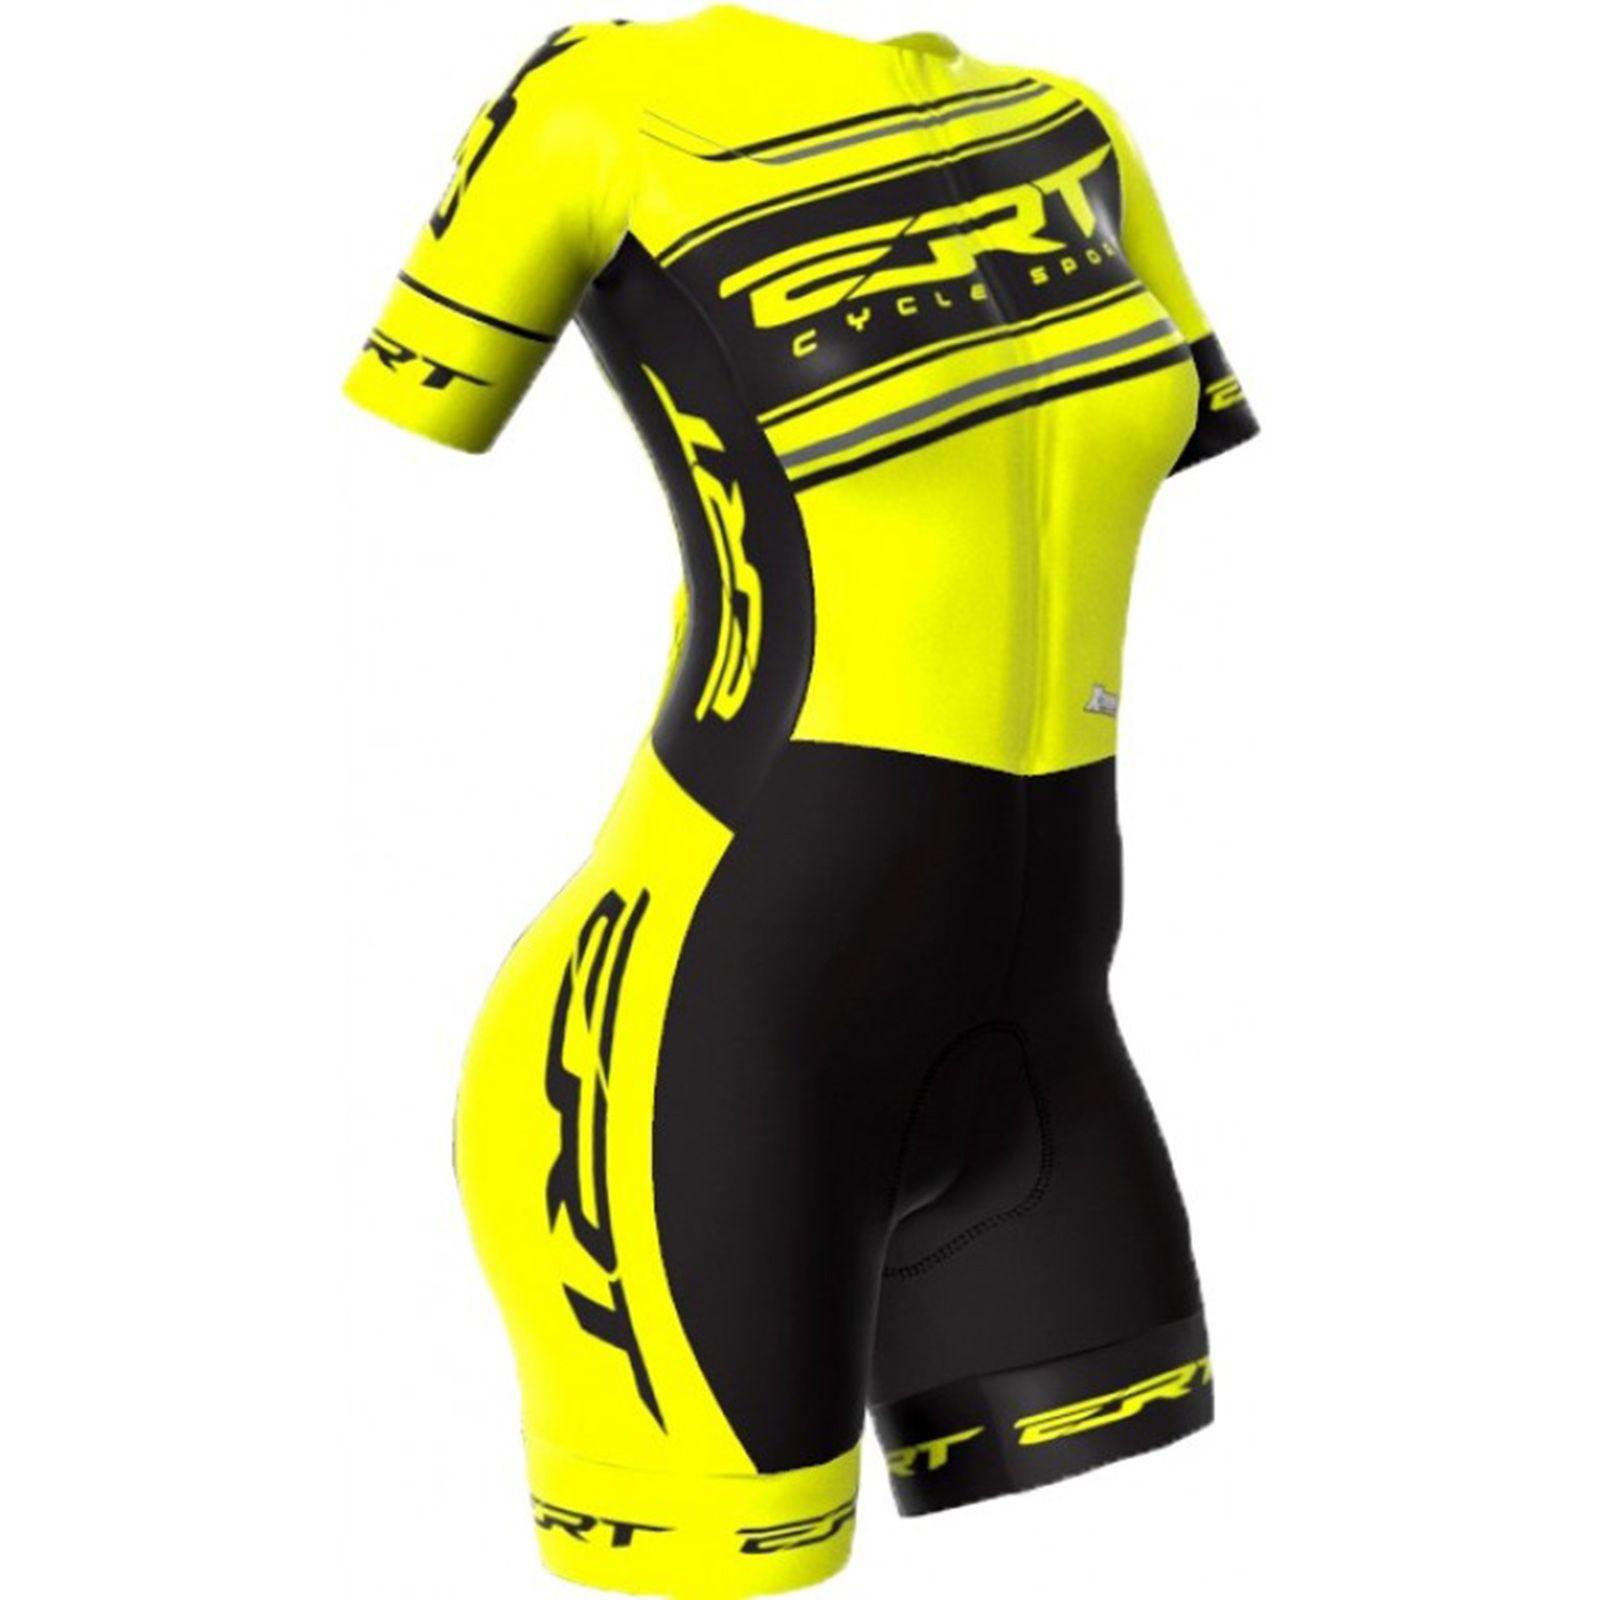 Macaquinho Ciclismo Feminino Premium Pro Team Preto/Amarelo(FORRO GEL) - ERT